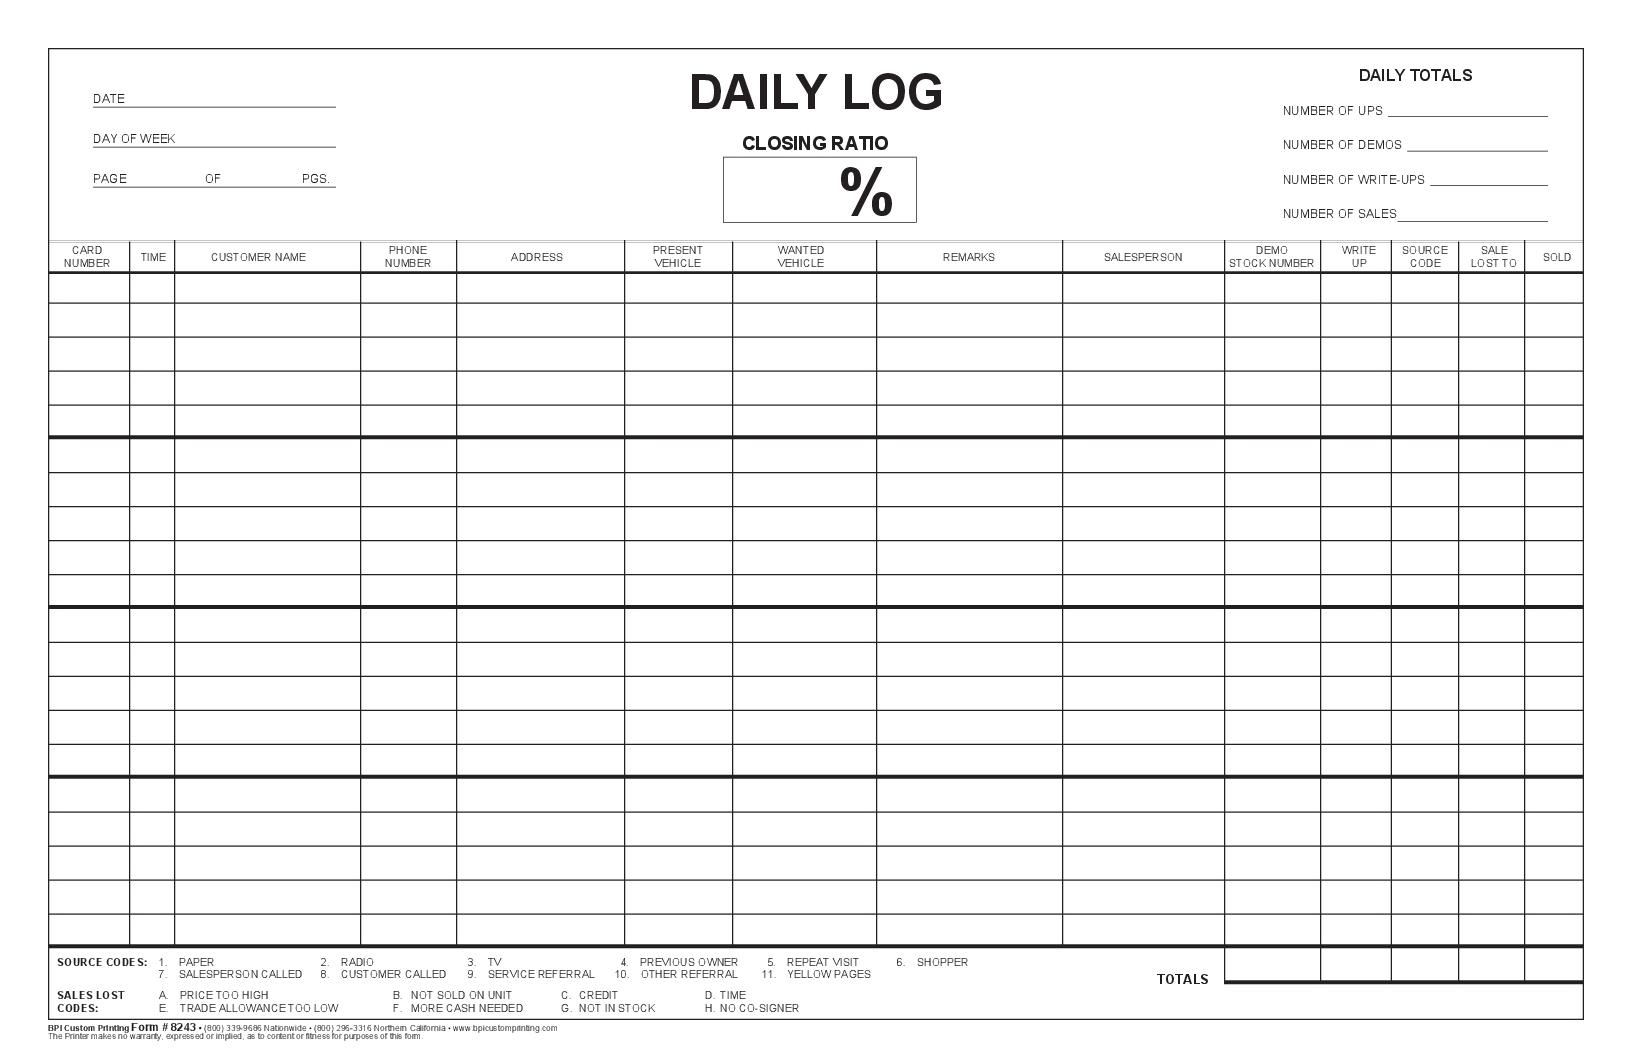 Closing Ratio Daily Log